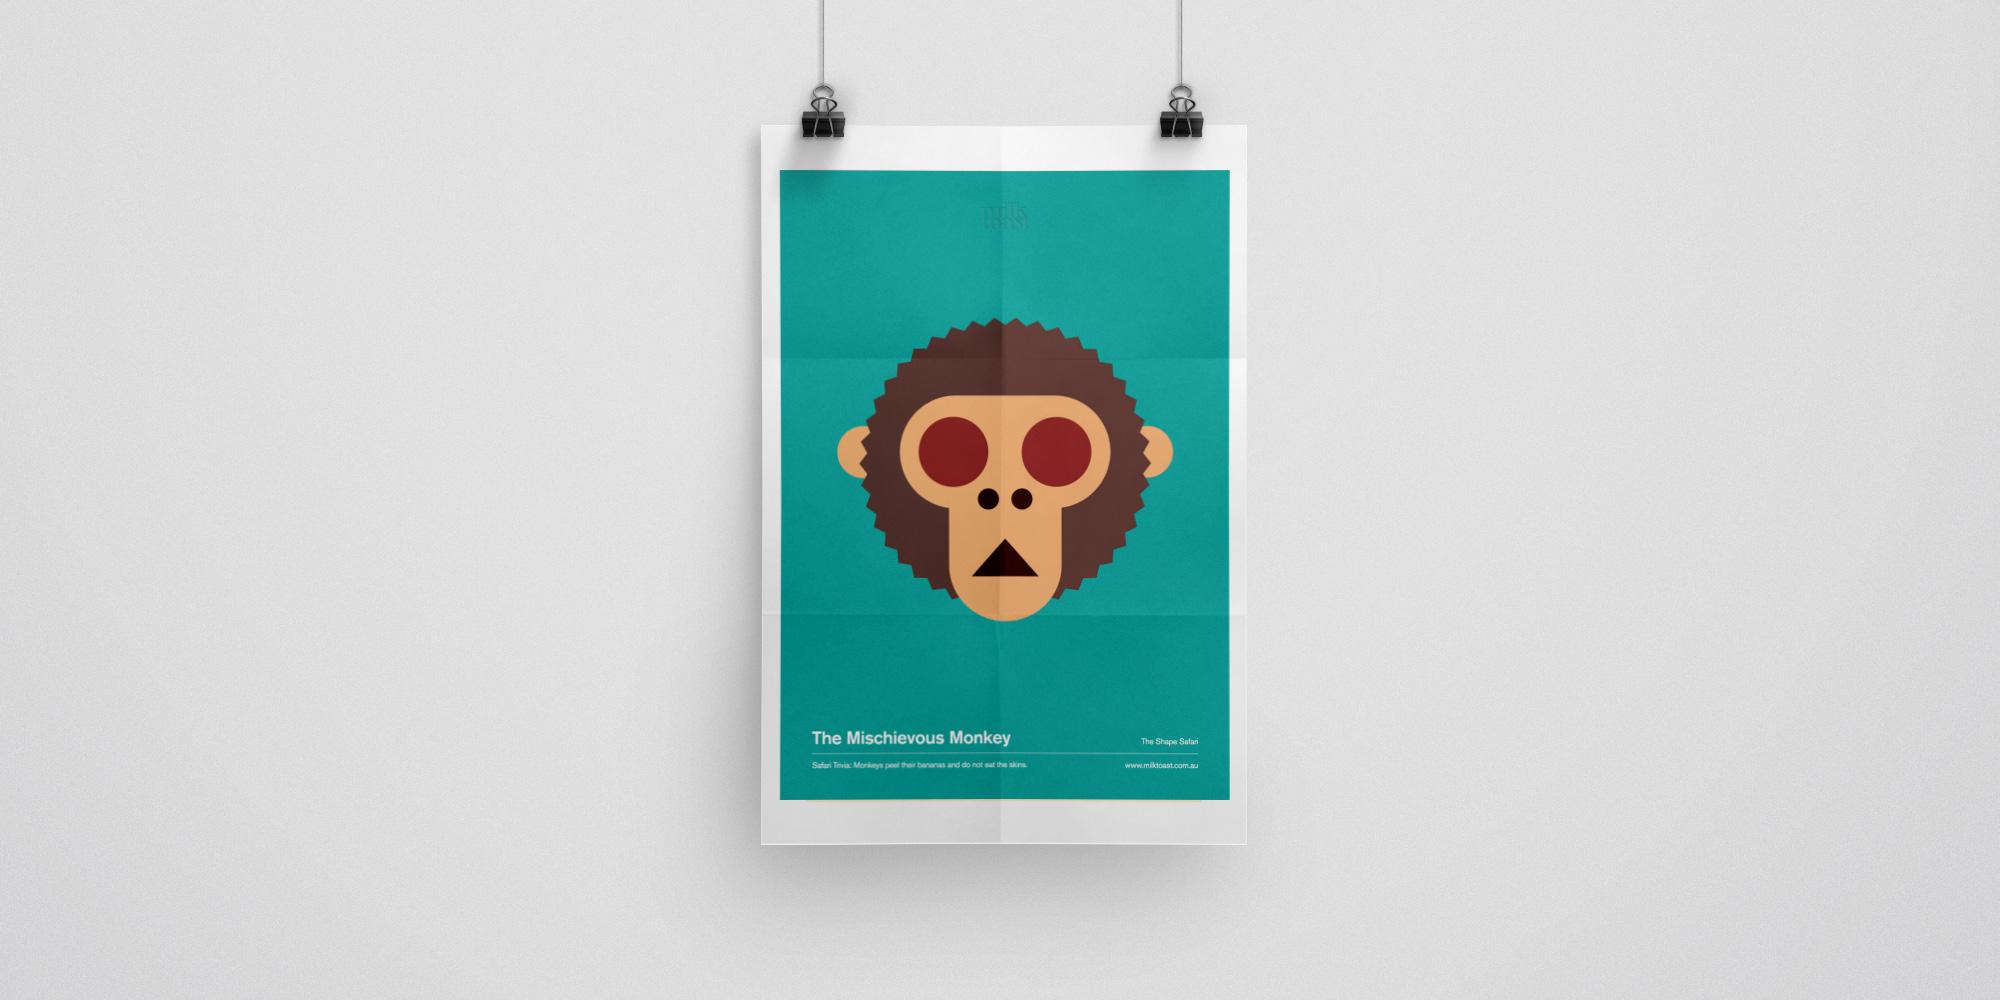 milktoast-half-image-shape-safari-monkey